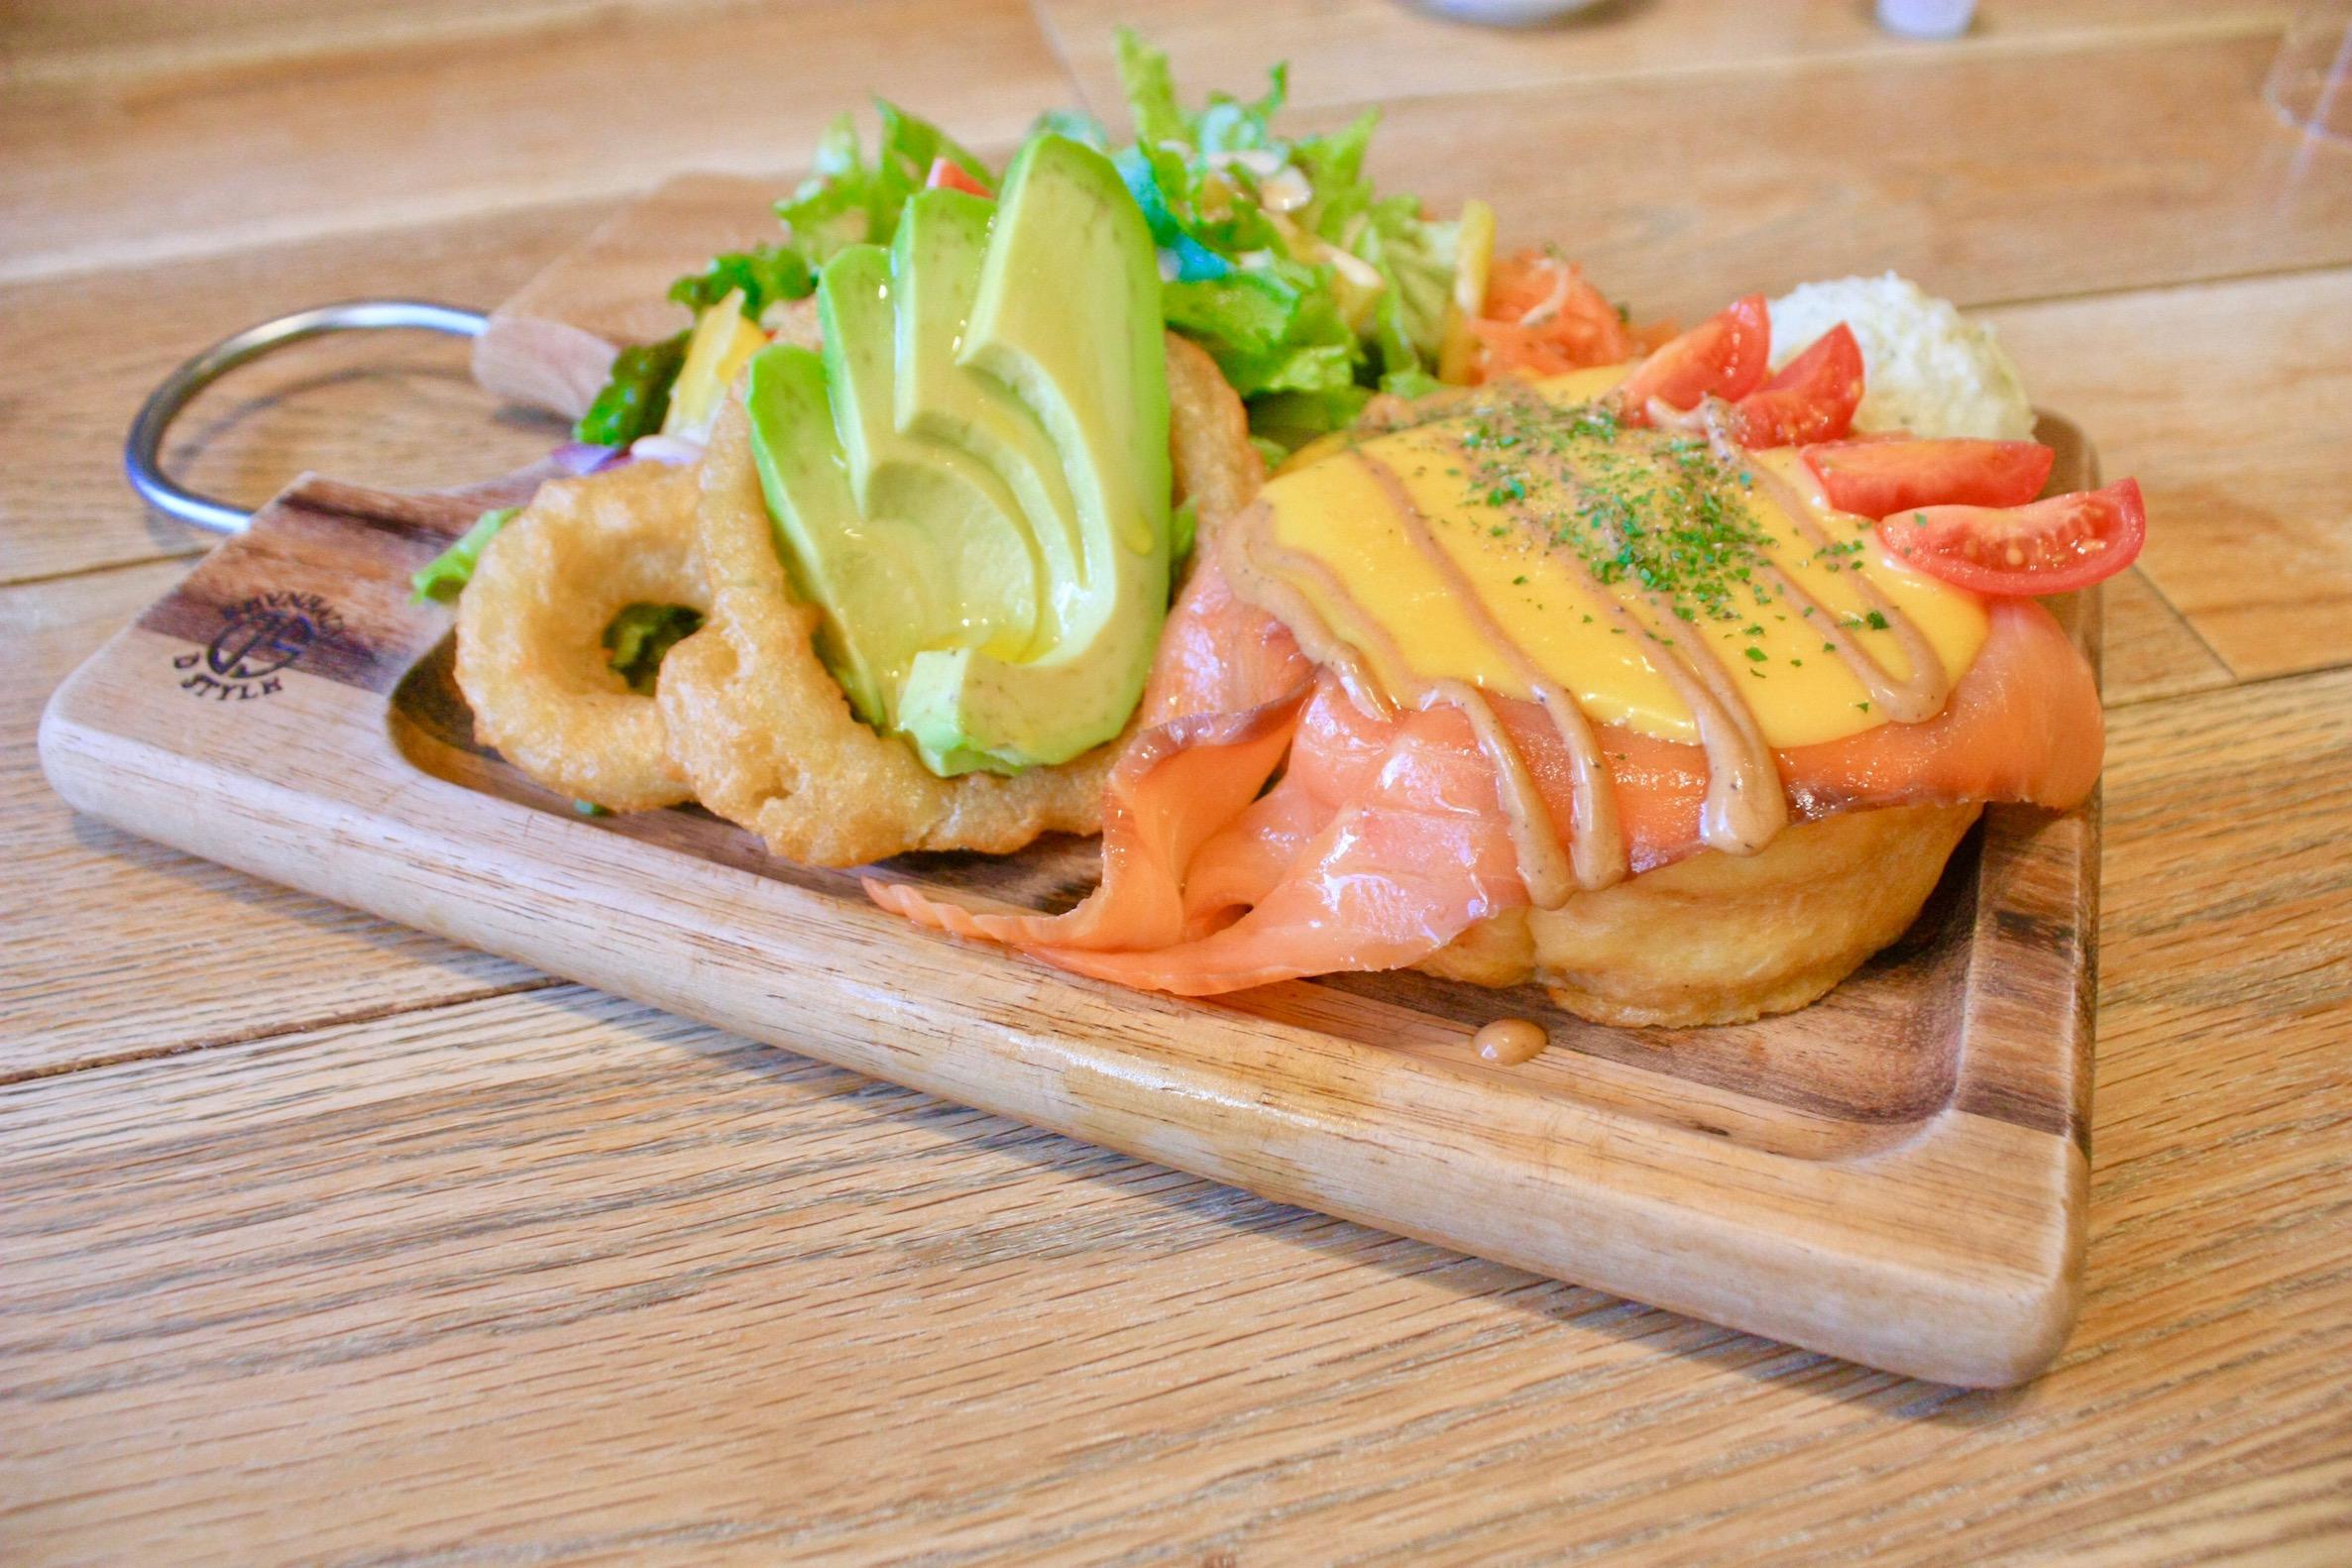 星ヶ丘|目で見て楽しい!食べて美味しい◎種類豊富な魅惑のフレンチトースト専門店